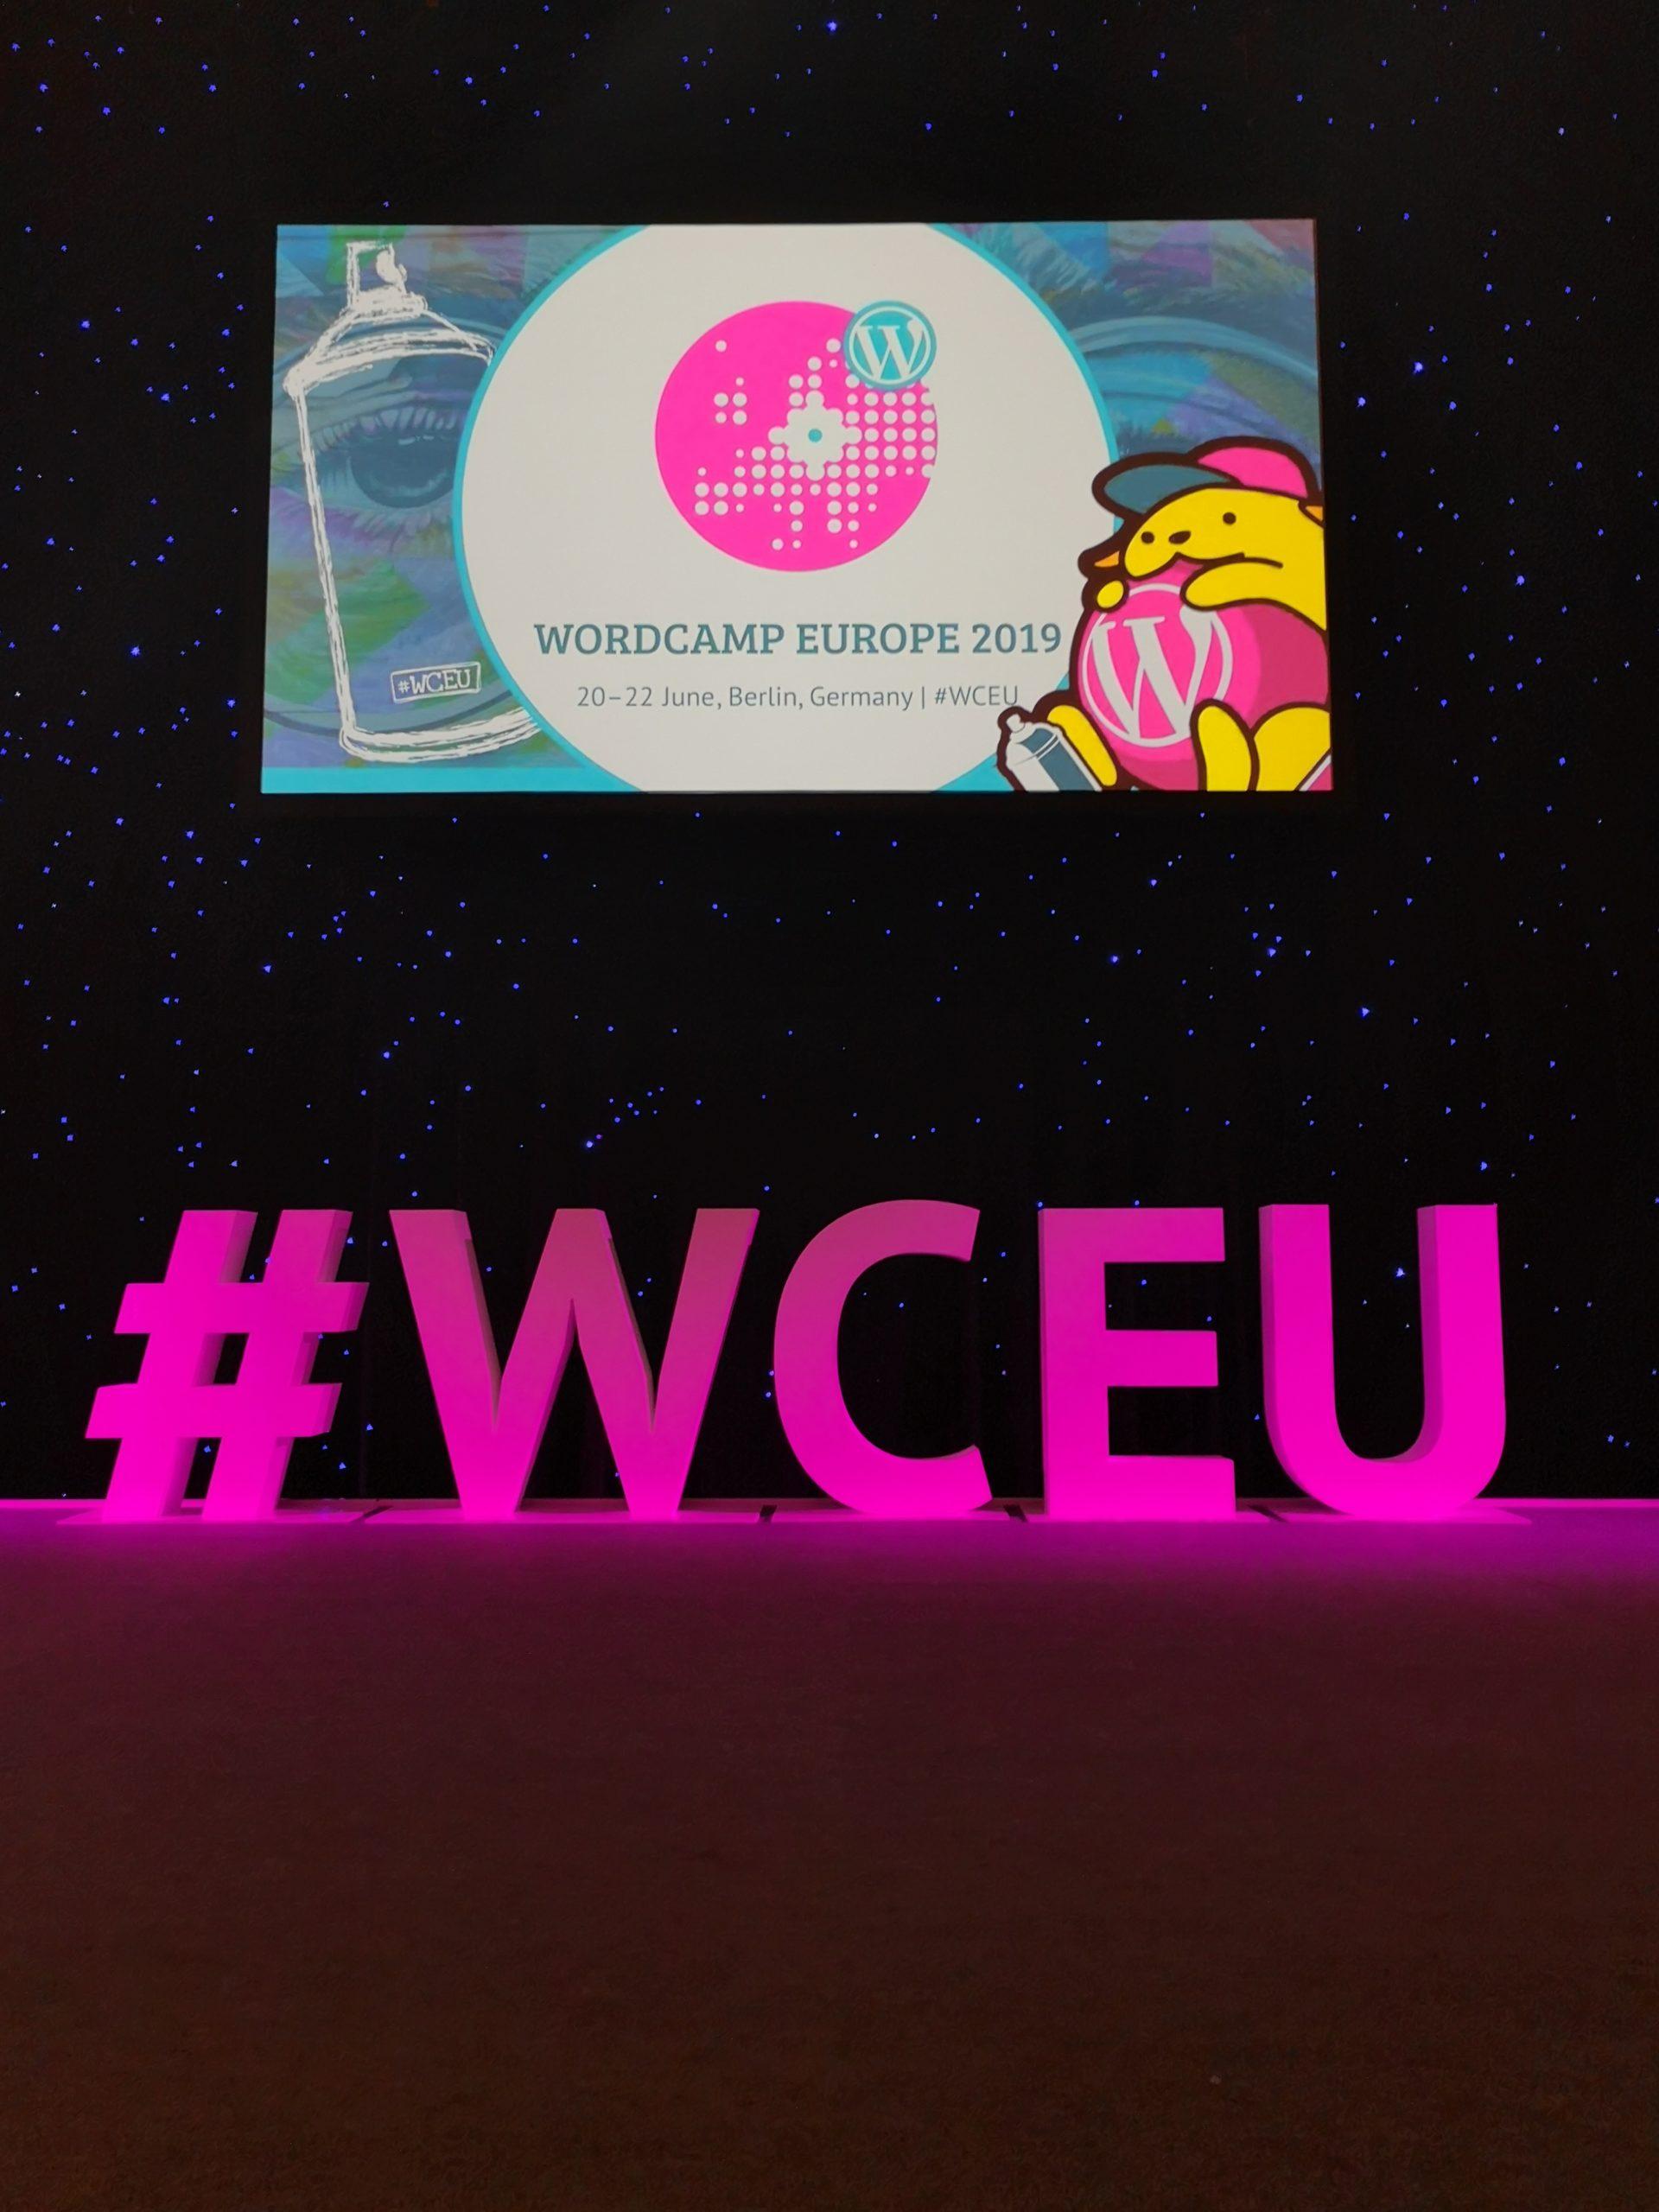 WCEU Hashtag Logo and Wapuu